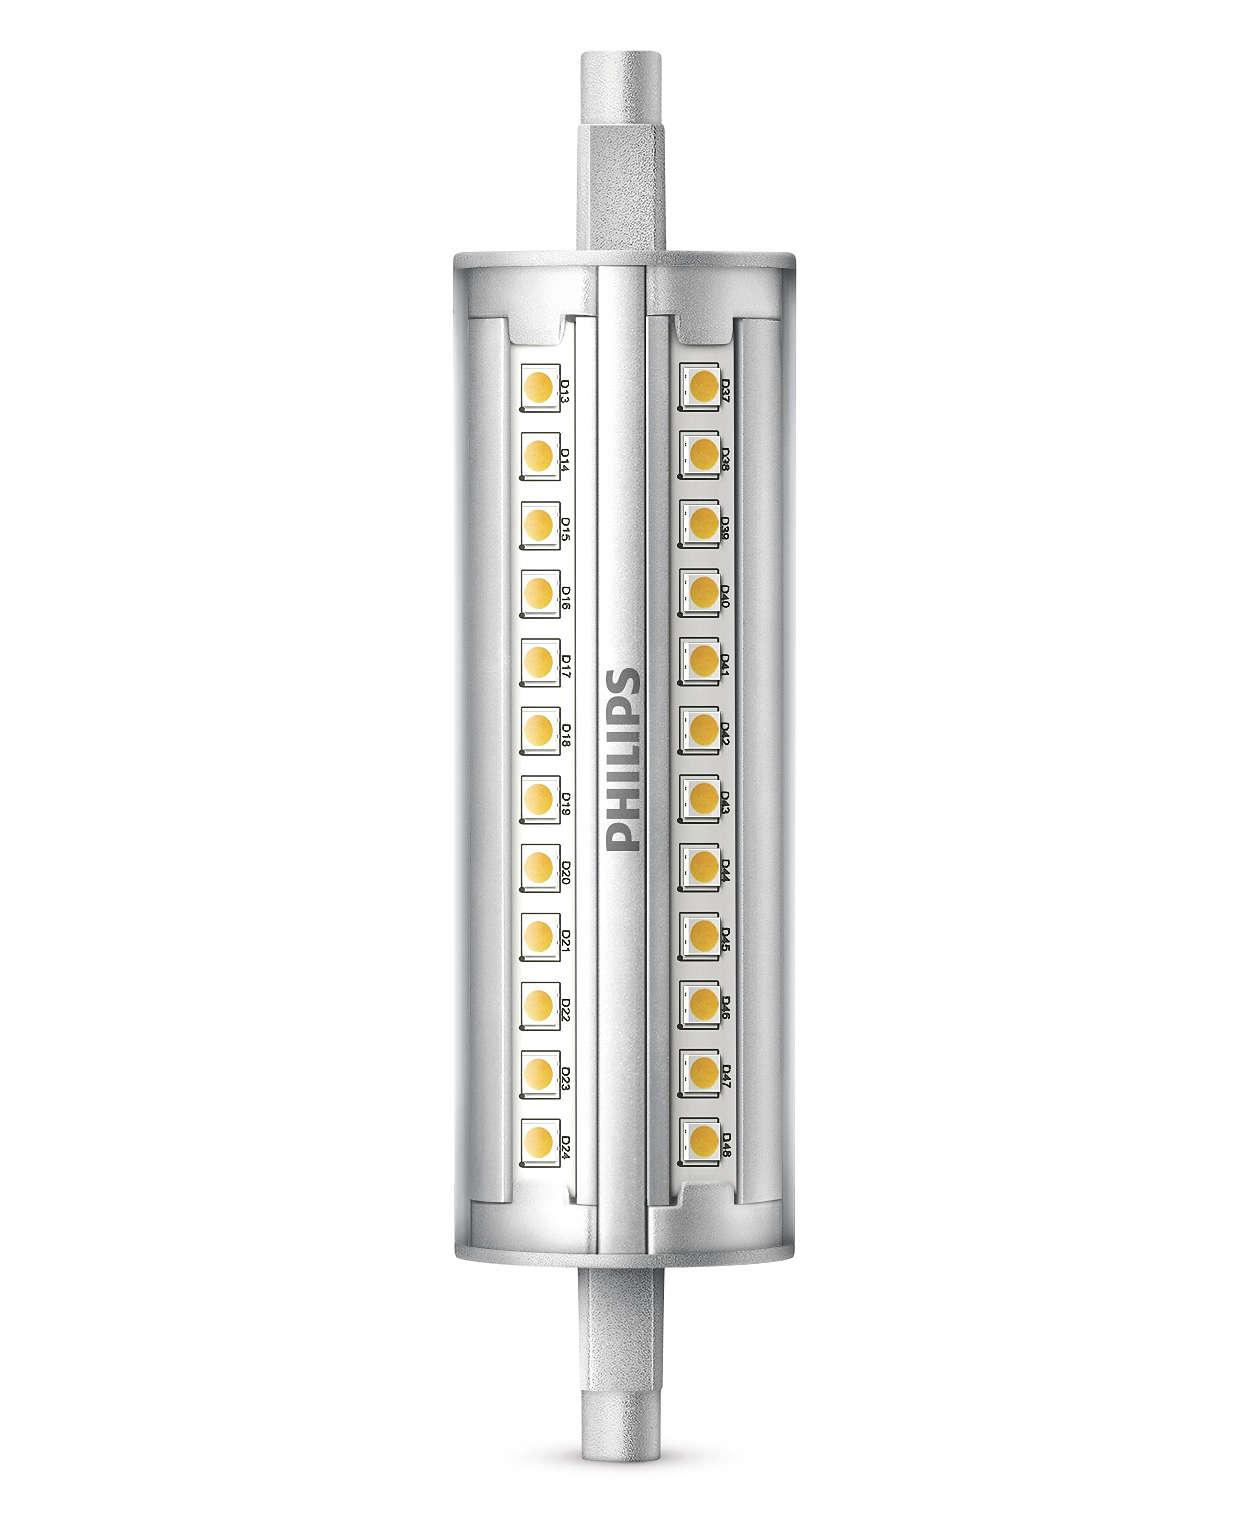 Trwała świetlówka LED z wiązką światła o zakresie 300°